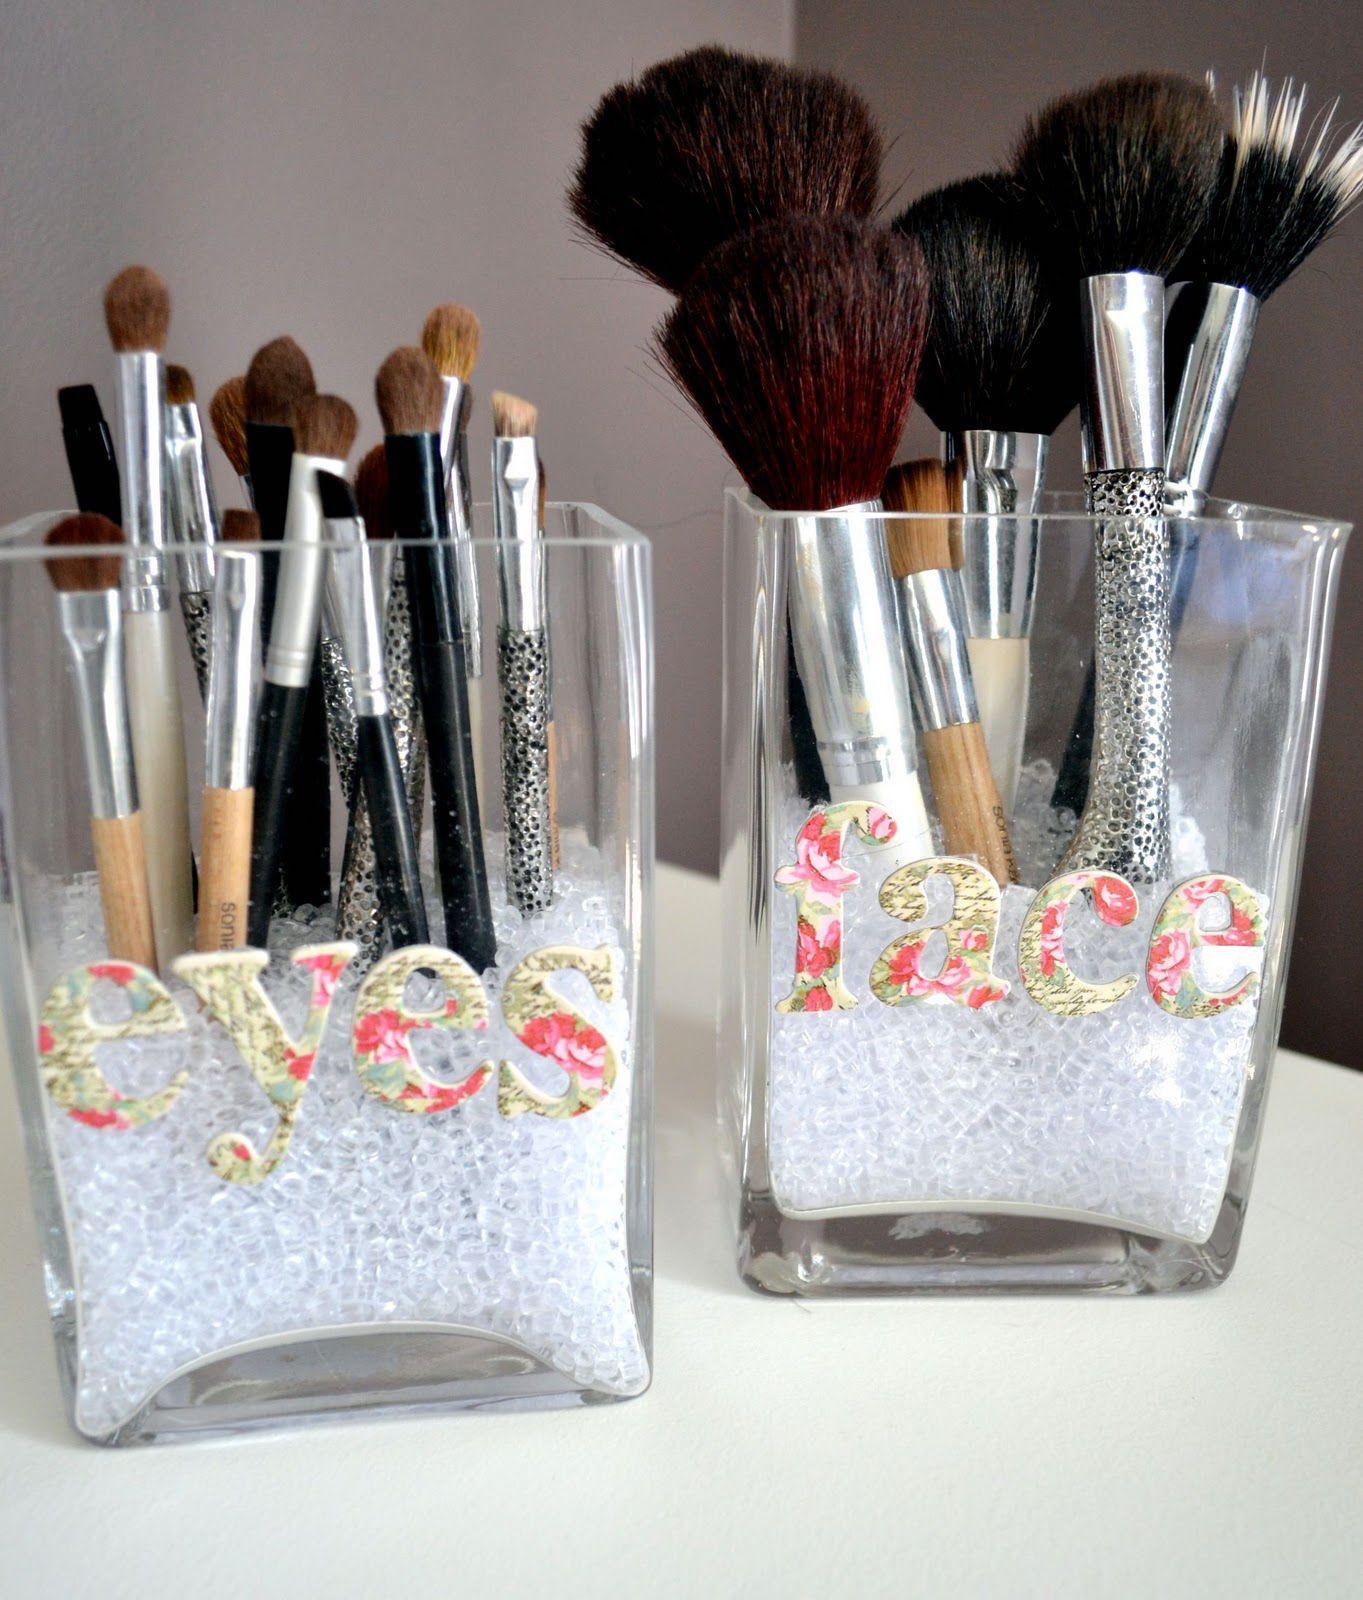 marre de voir votre maquillage se rependre dans votre salle de bain decouvrez nos idees diy pour ranger votre make up de facon originale et pratique